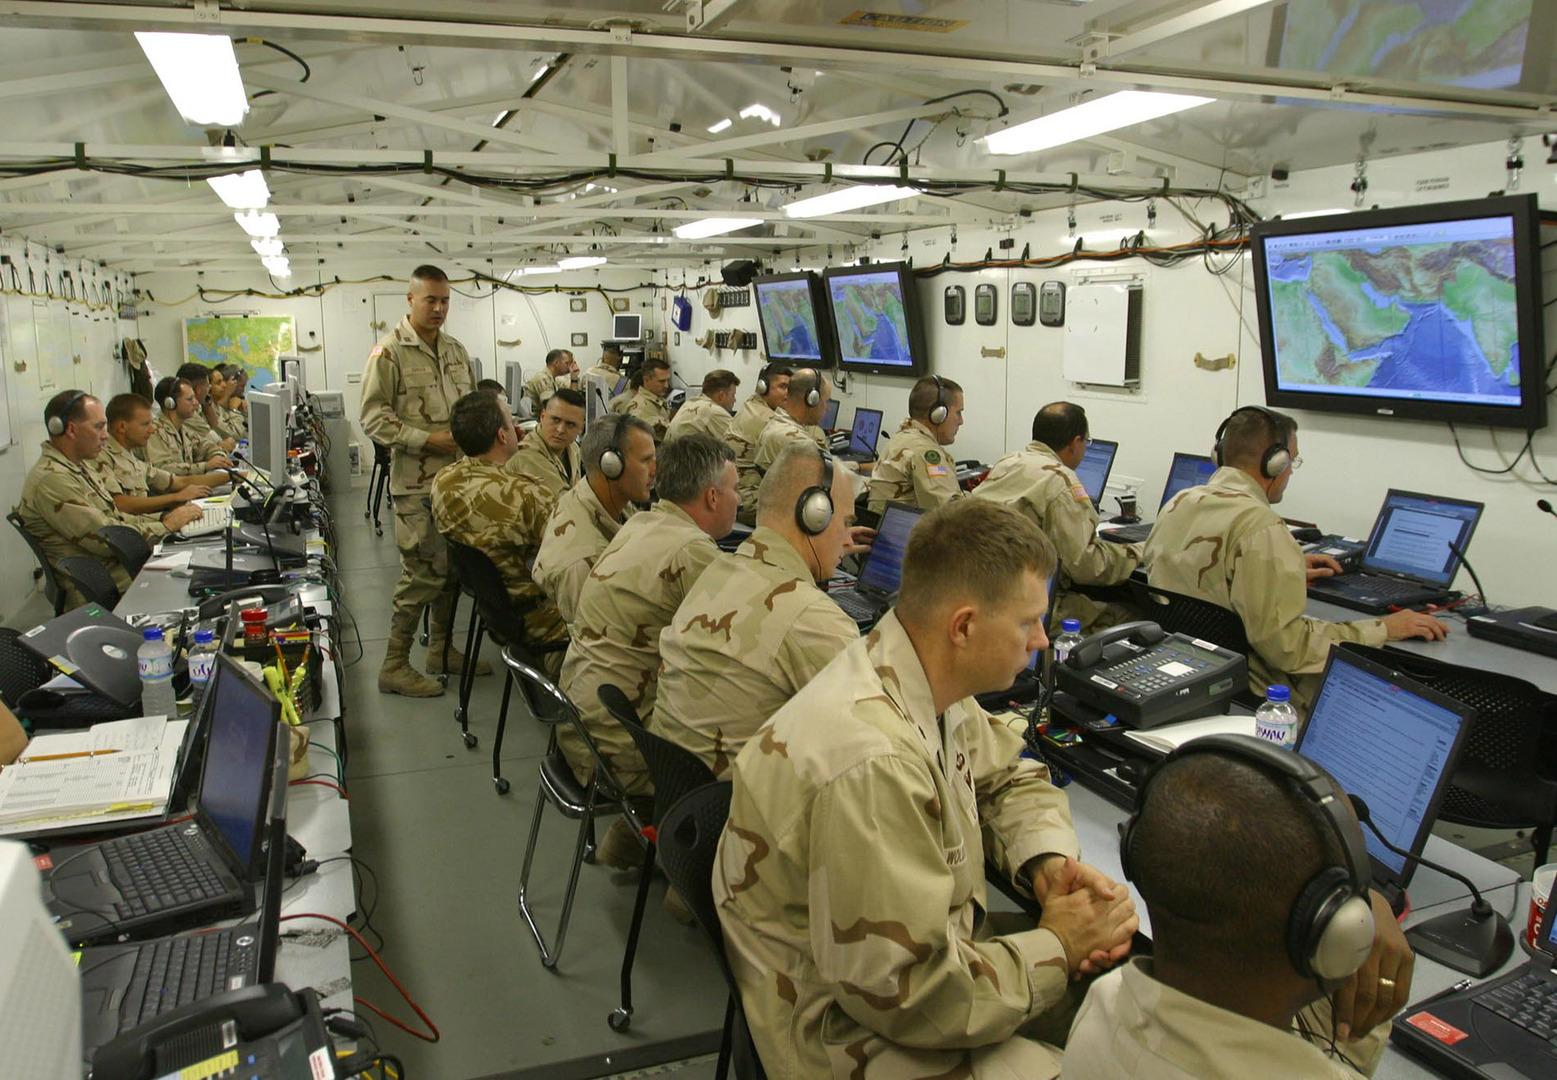 تقرير: الجيش الأمريكي ينقل جنوده ومعداته من قطر إلى الأردن